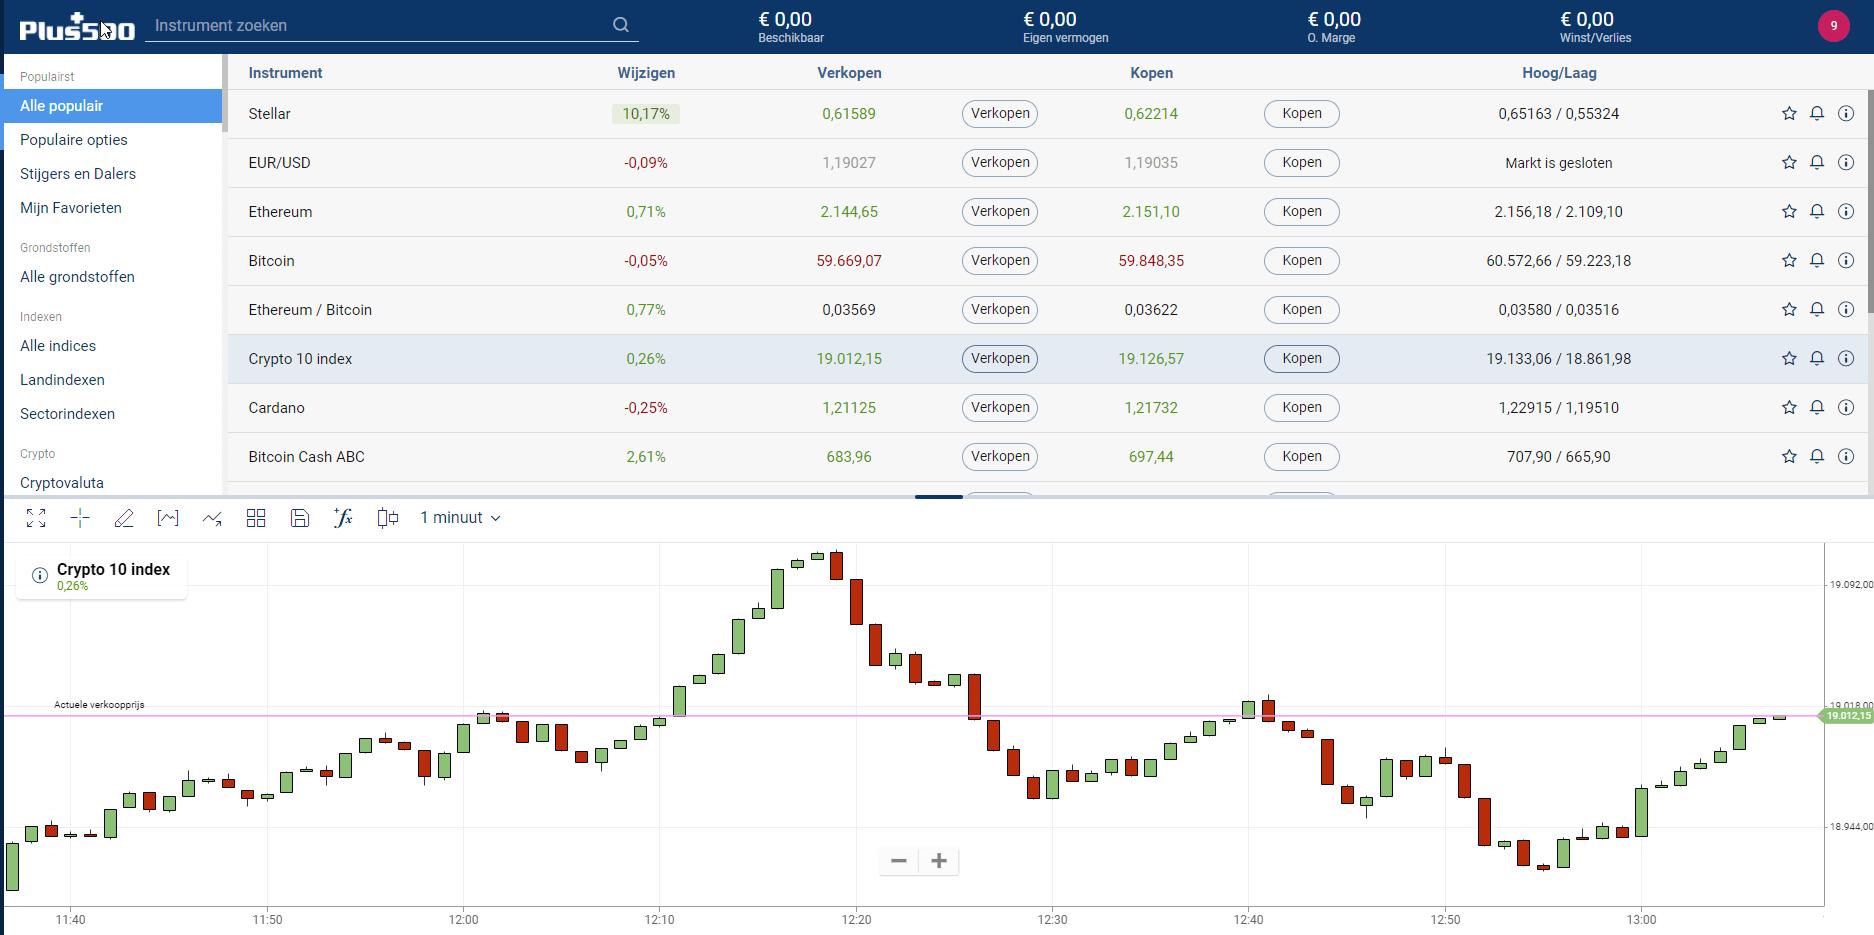 plus500 trading site